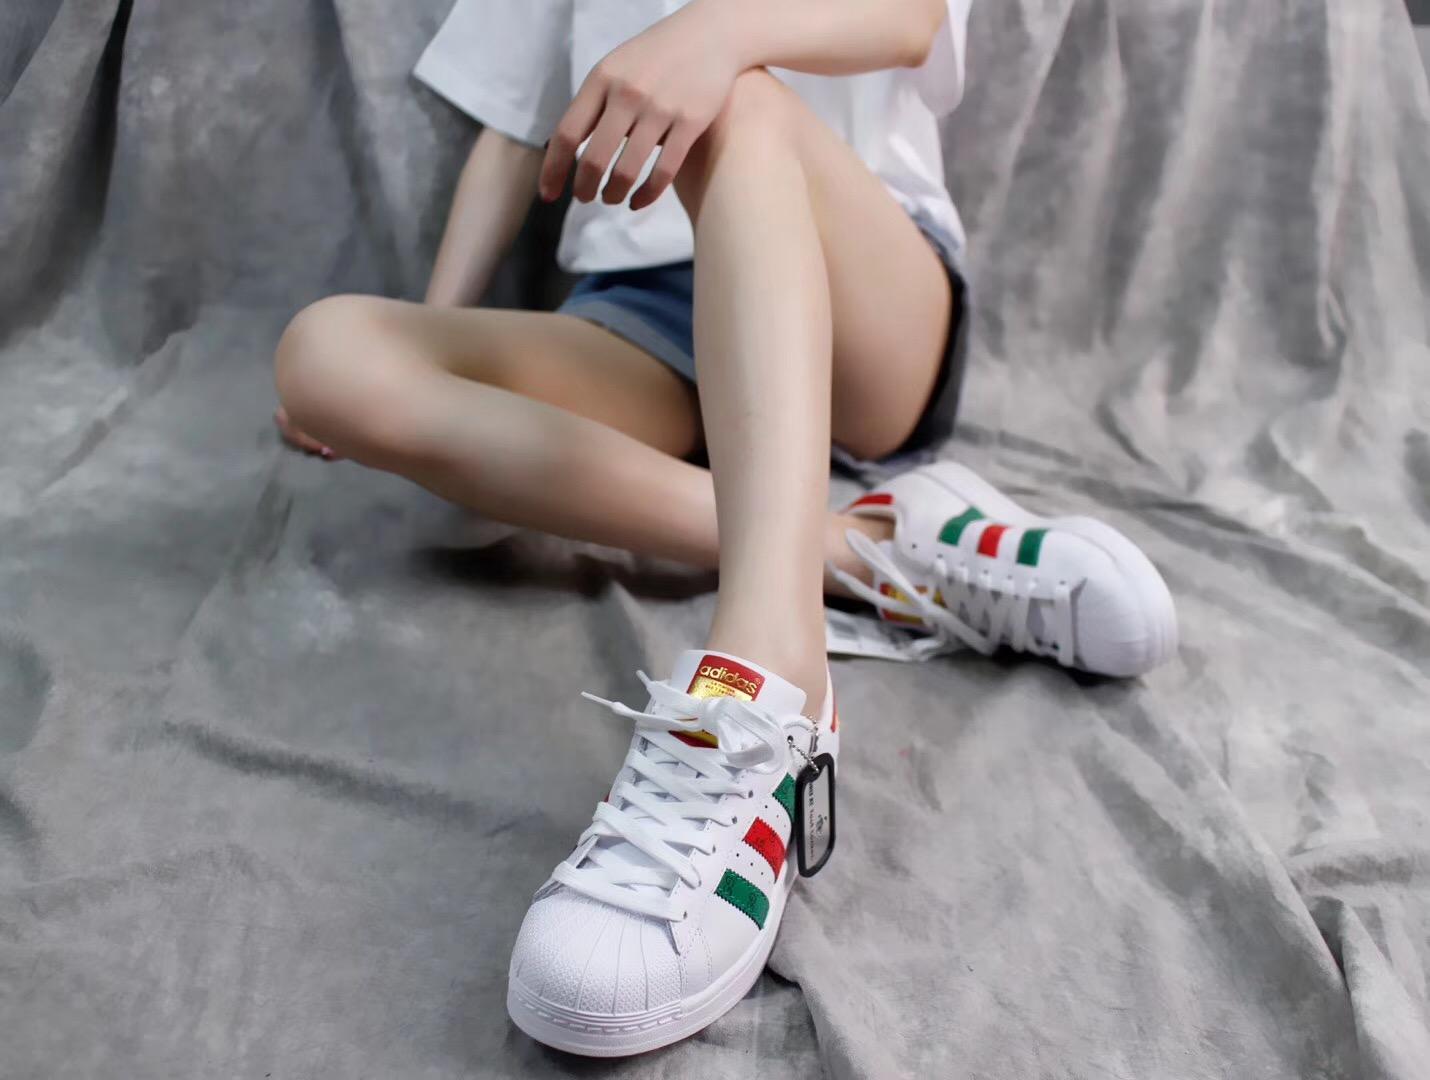 Giày Adidas Super Star Foot Locker